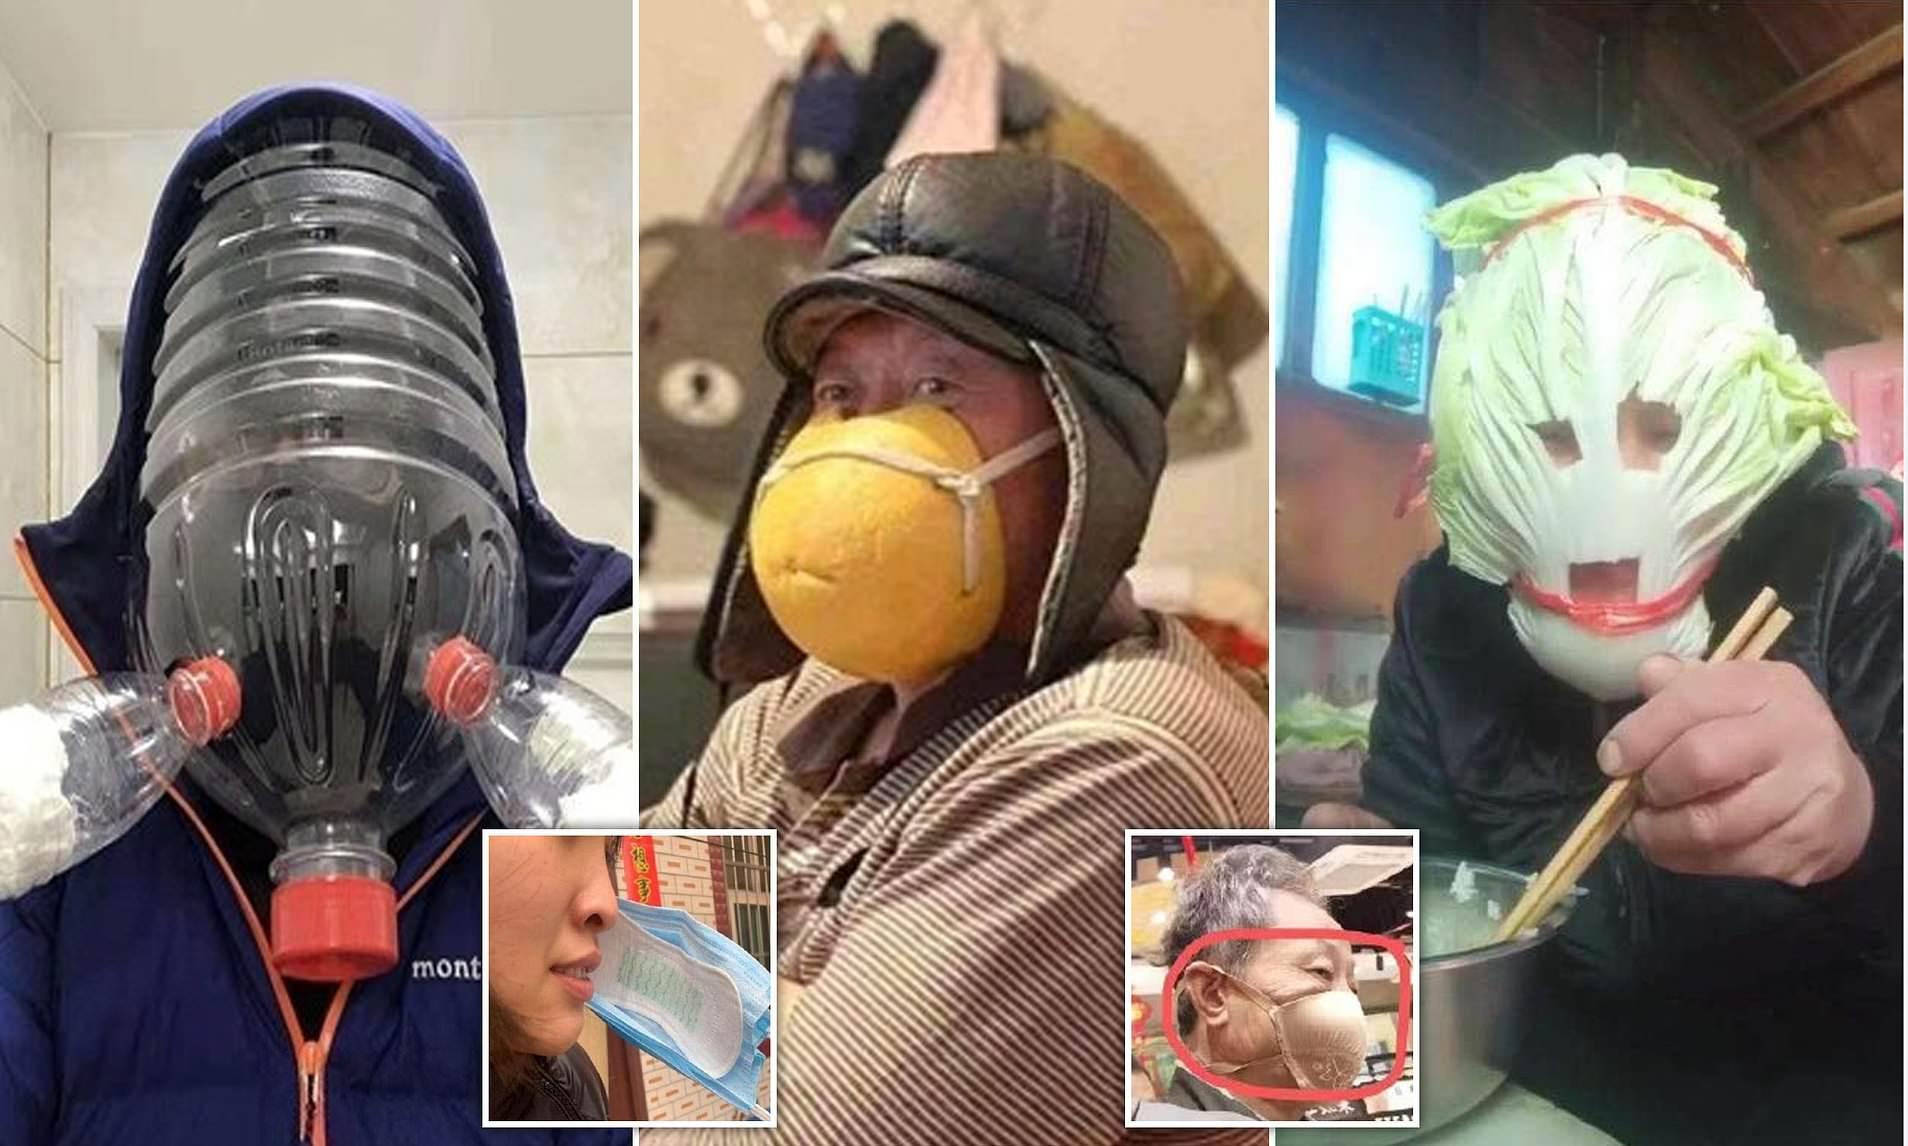 صور تكشف عن الوقاية من فيروس كورونا عبر طرق إبداعية طريفة